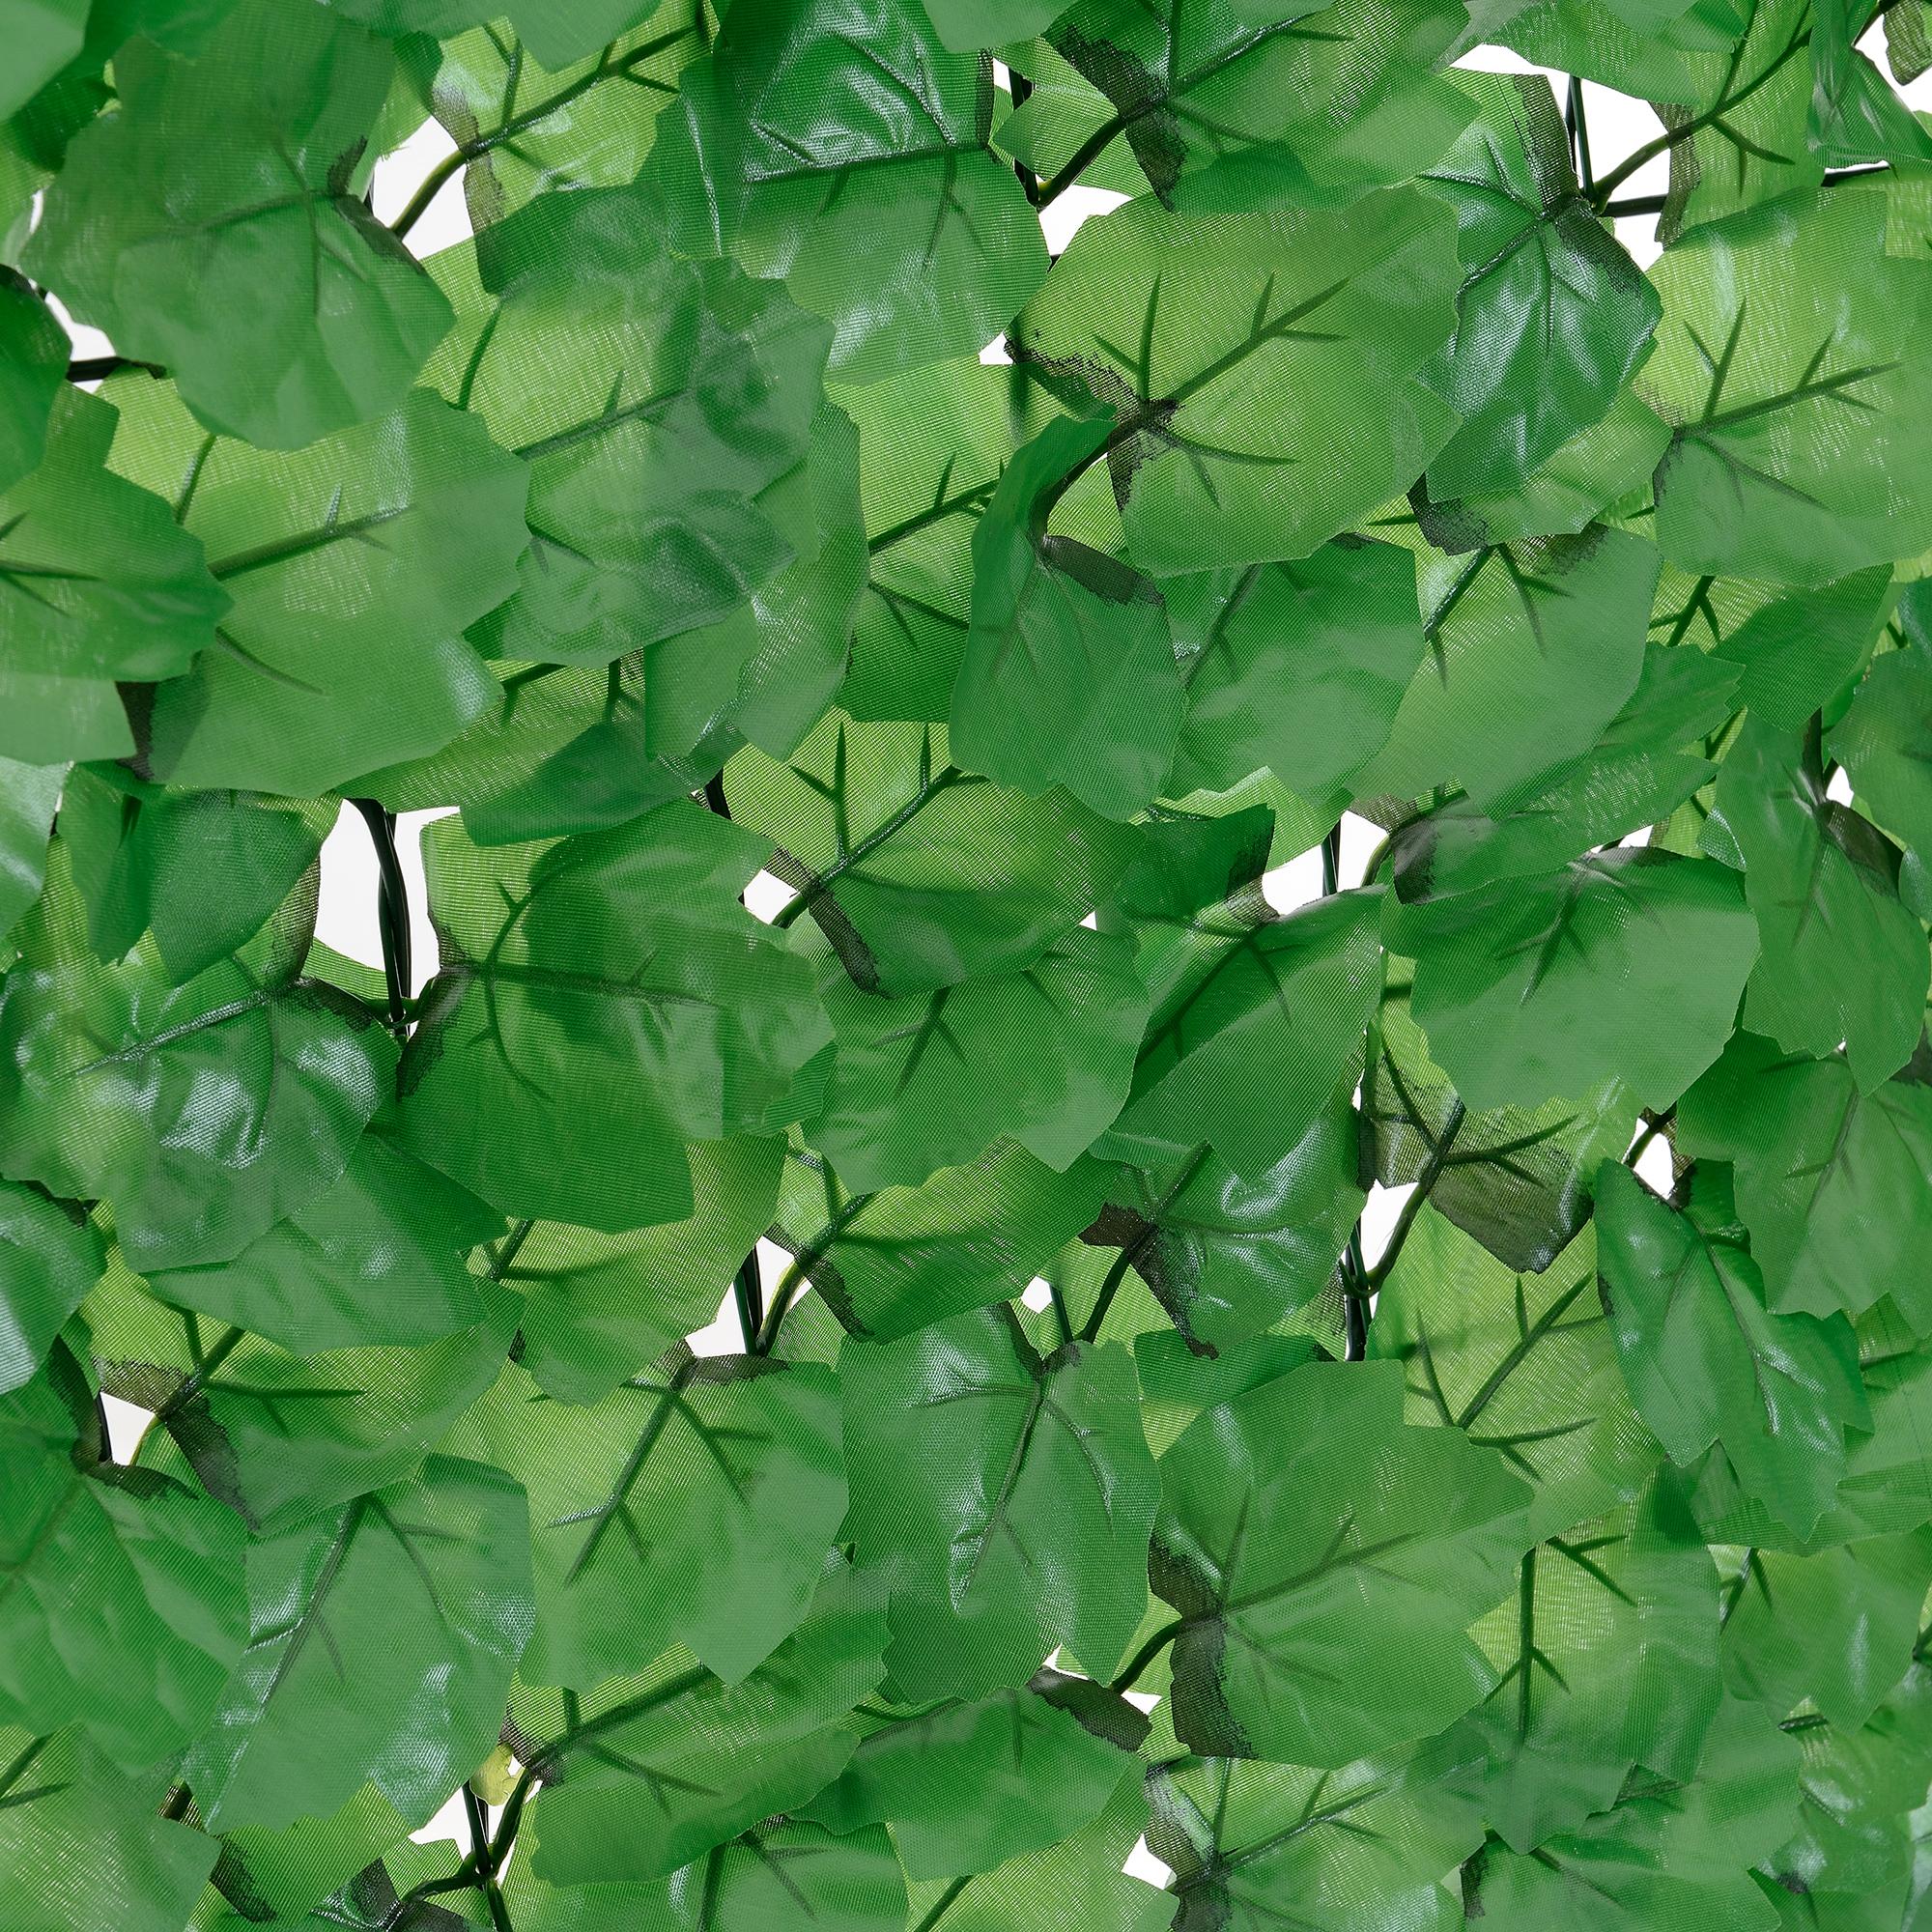 Maschendrahtzaun 125cm x 15m Drahtzaun Maschendraht Gartenzaun Wild pro.tec